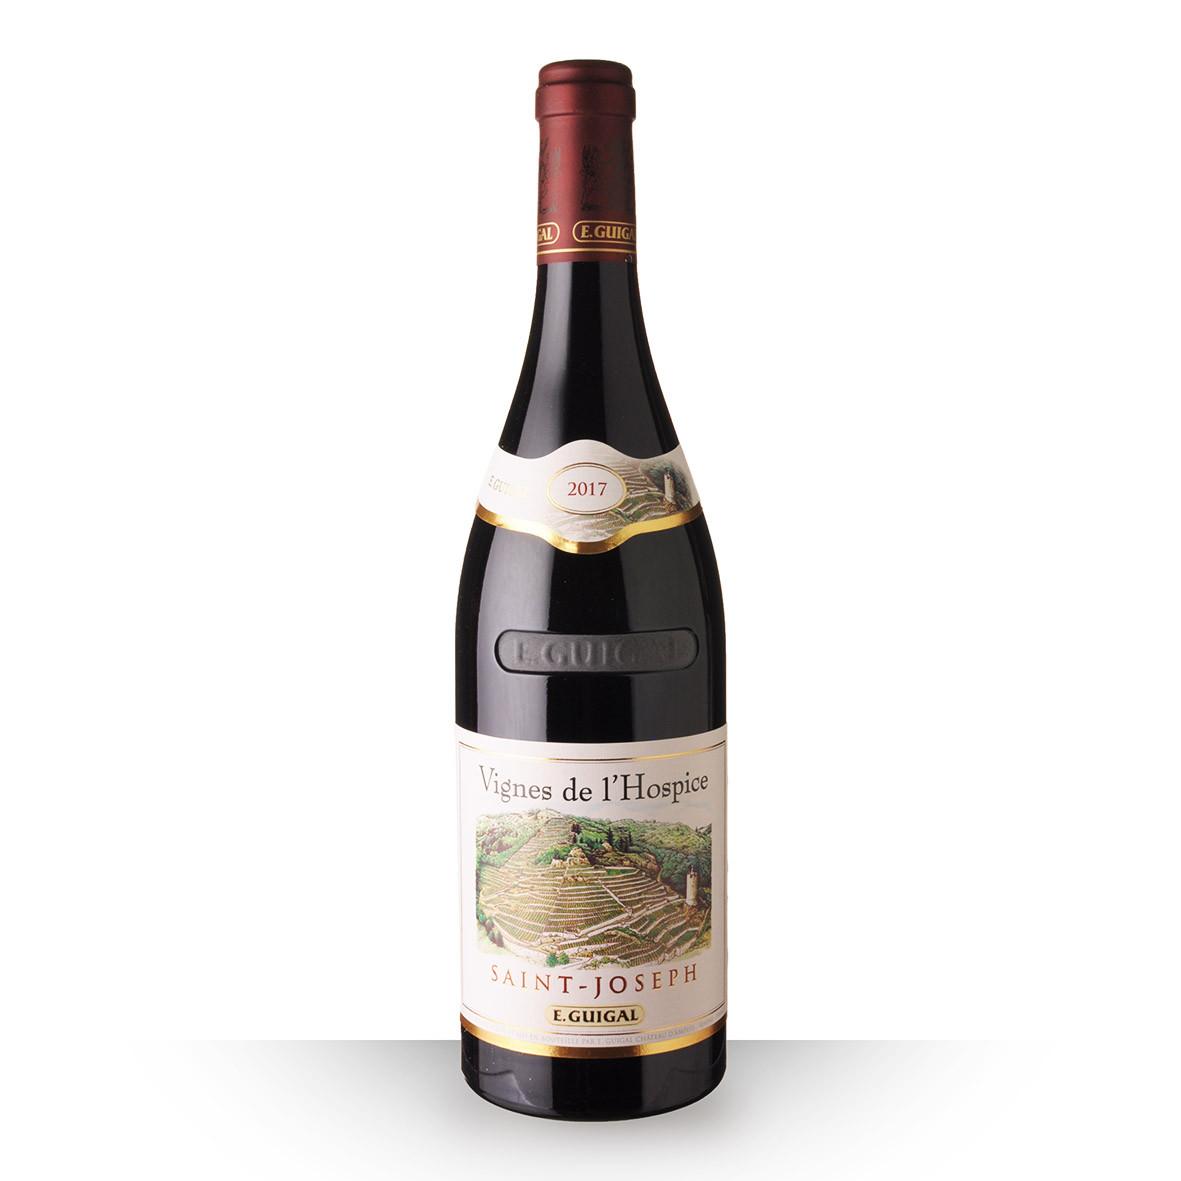 Guigal Vignes de lHospice Saint-Joseph Rouge 2017 75cl www.odyssee-vins.com